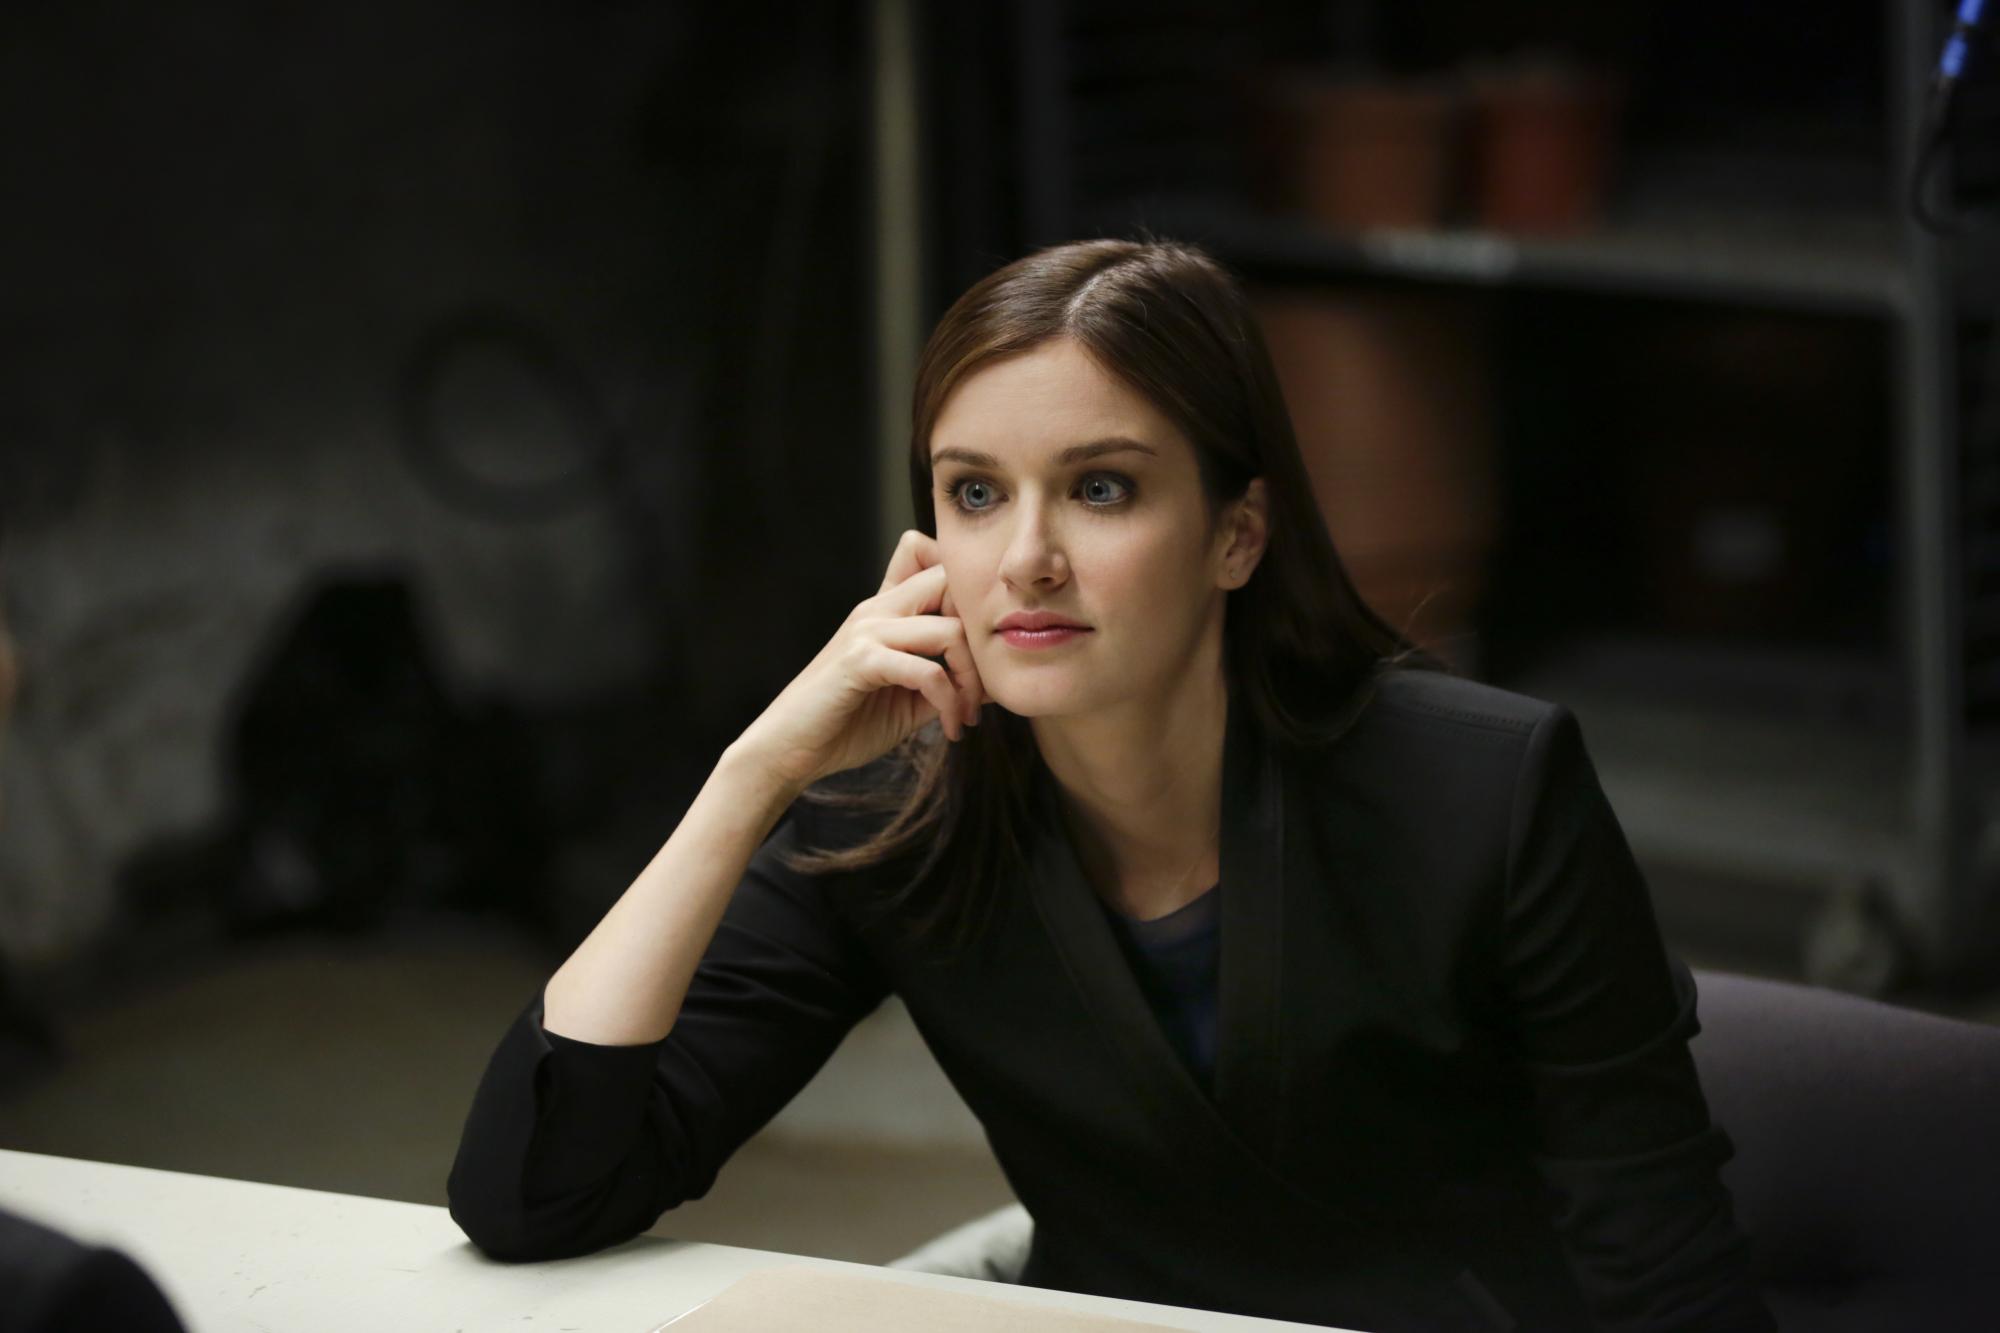 Anna Wood guest stars as NSA Case officer, Sarah Eckhart